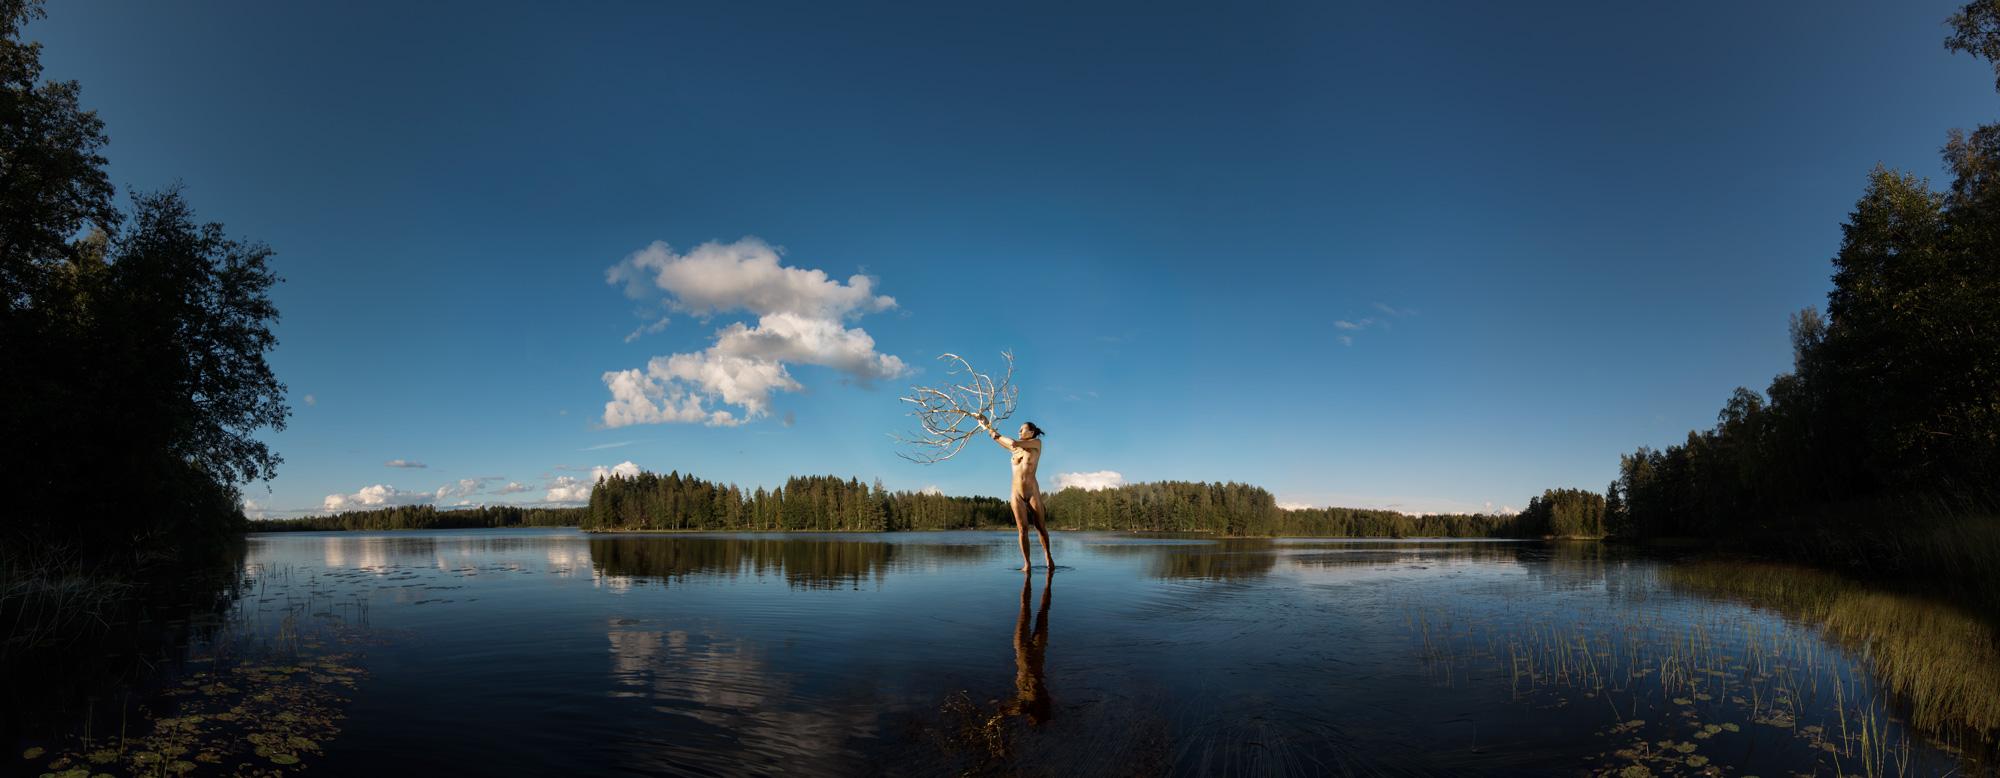 KÄÄNNA JUURI XIII. Fotografía y retoque digital. Lago Kelhajarvi, Hämeenkyrö, Finlandia